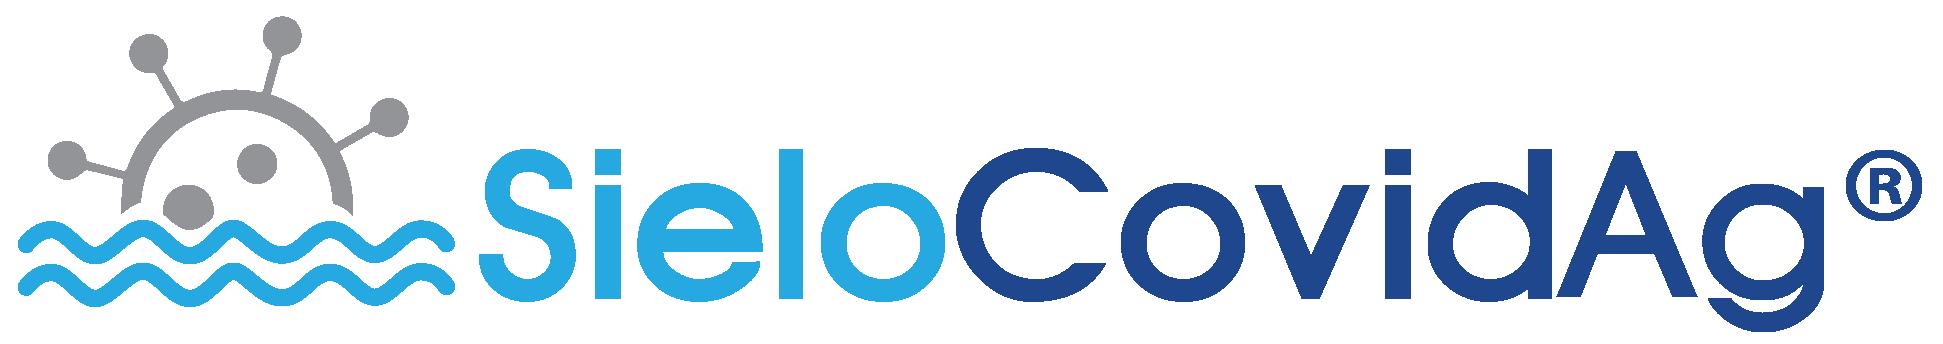 SieloCovidAg® antigen rapid test logo